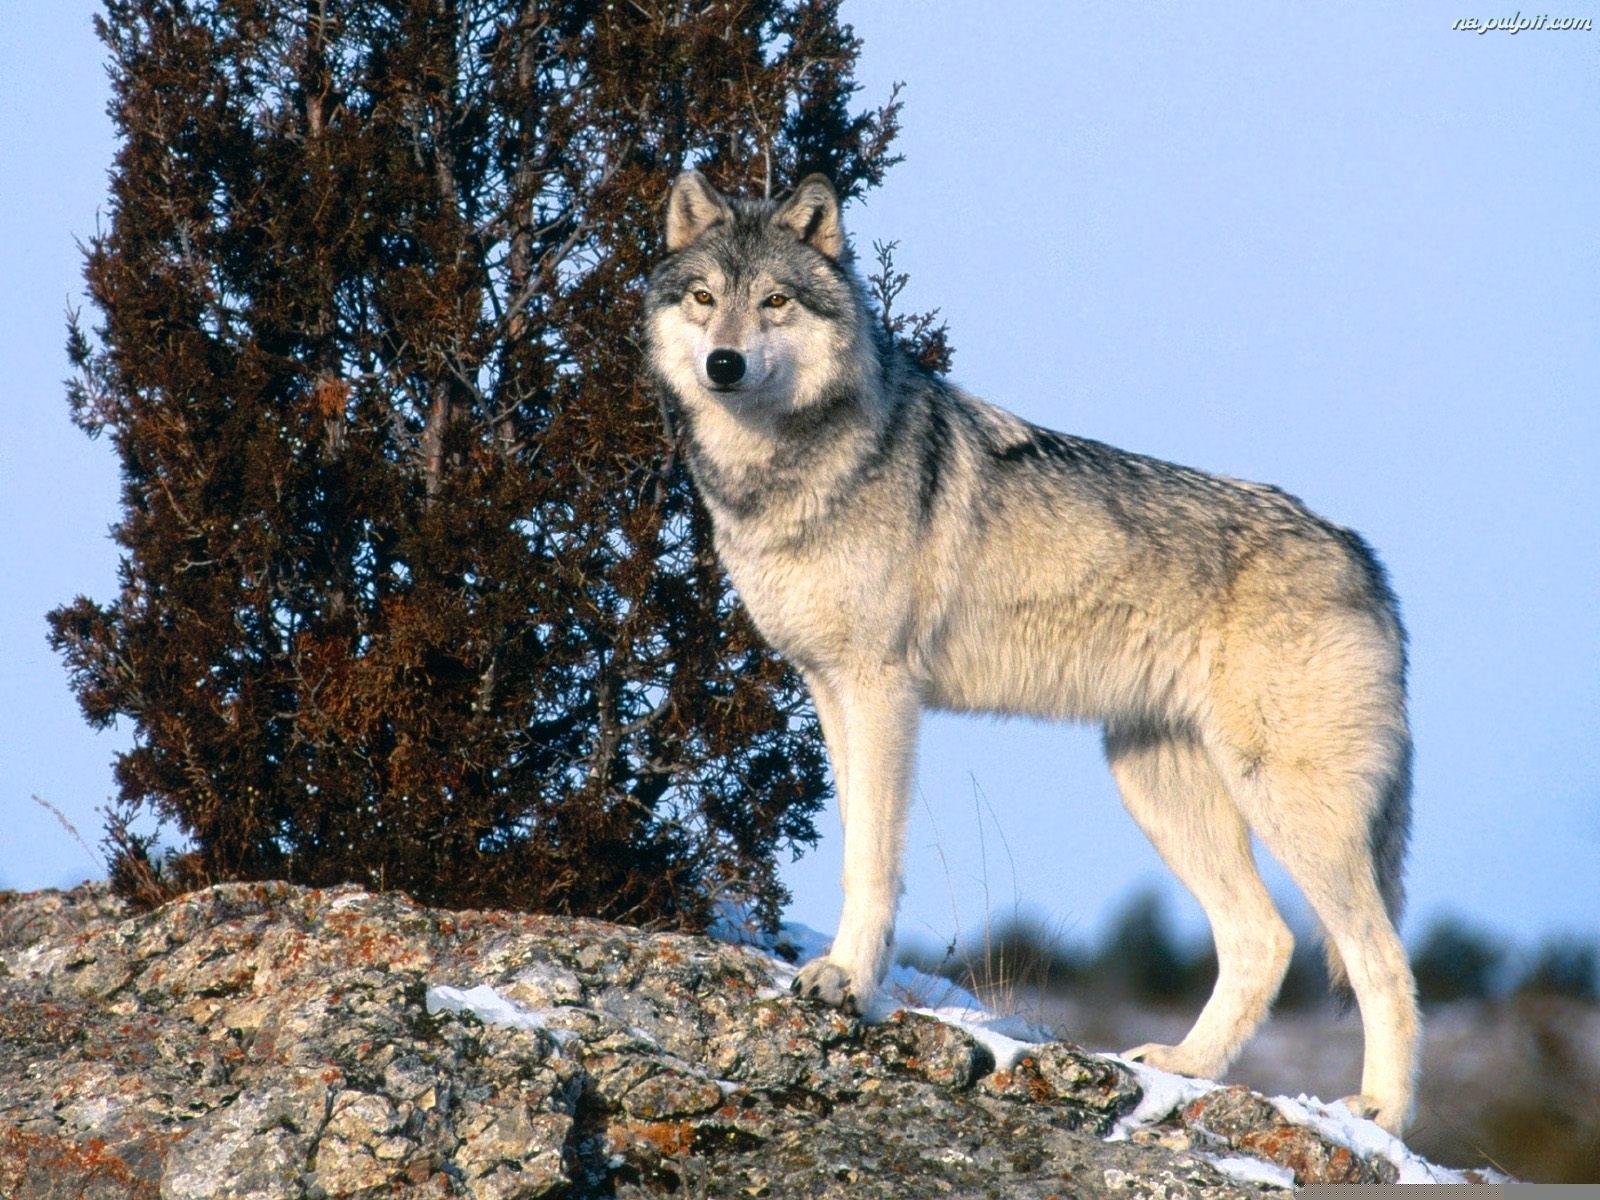 фото волка во весь рост картинки поможет избежать